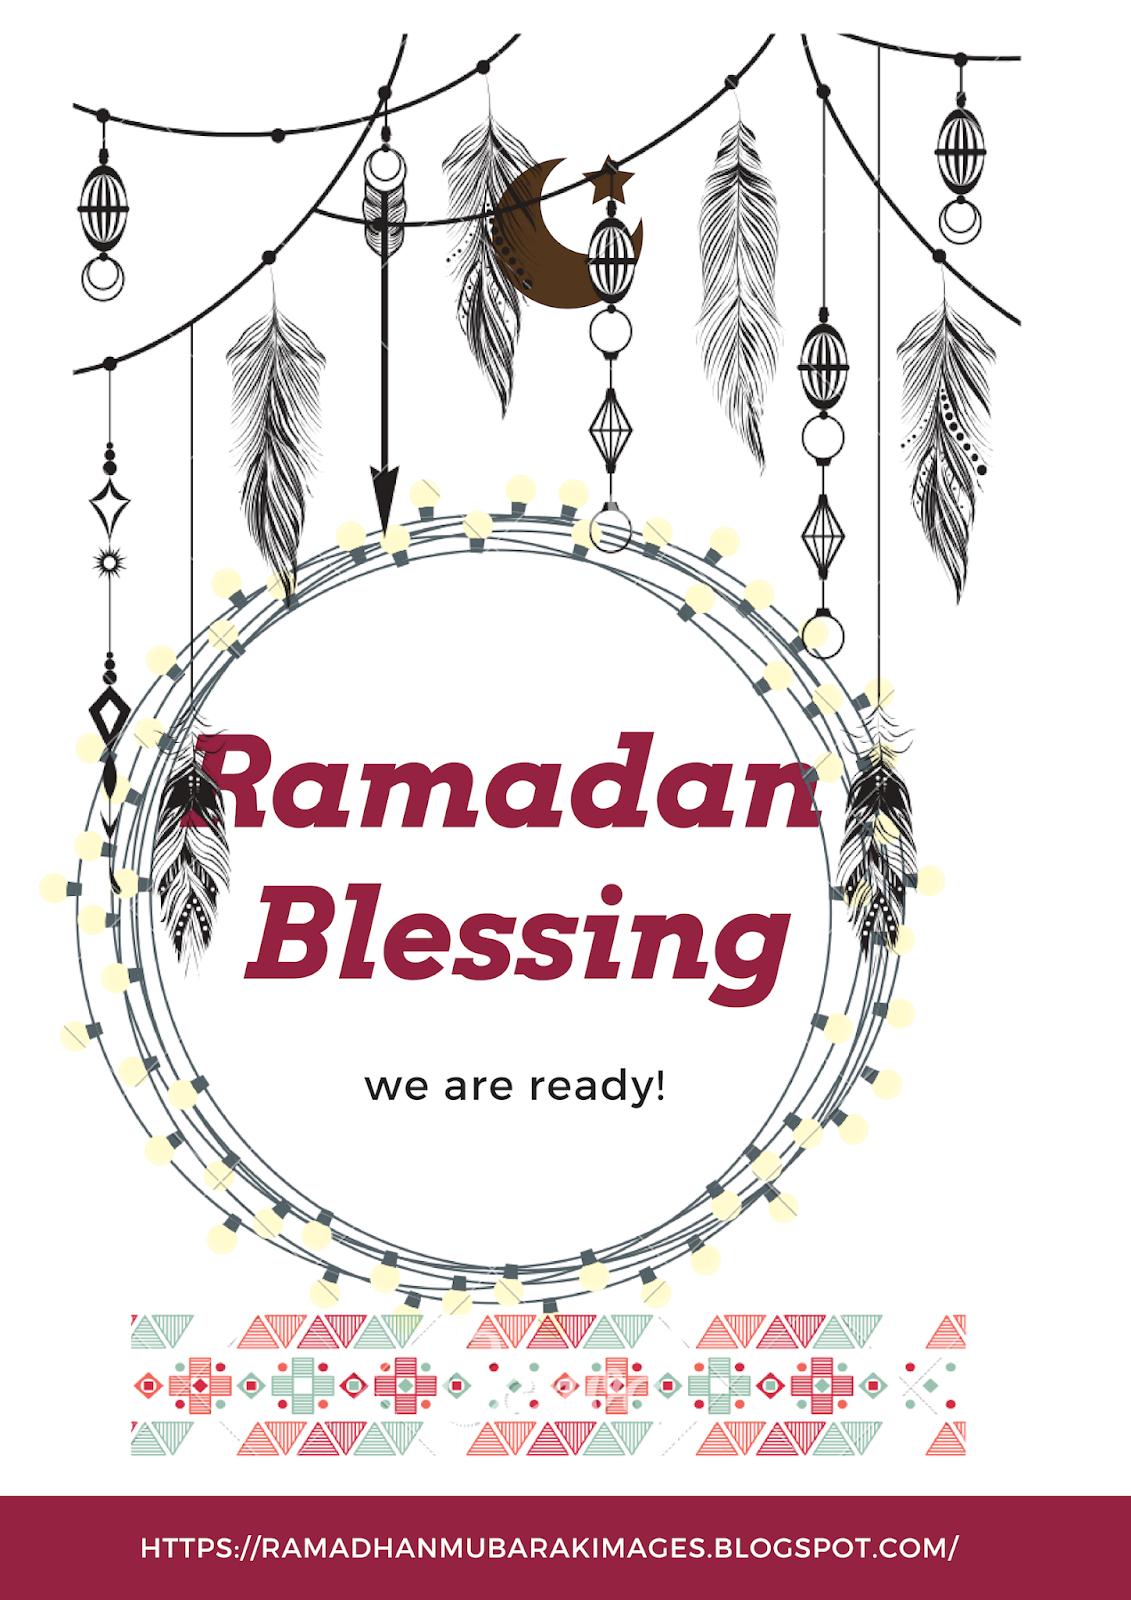 Ramadhan Mubarak Images: Mah-e- Ramadan 2019 | wishes | blessing